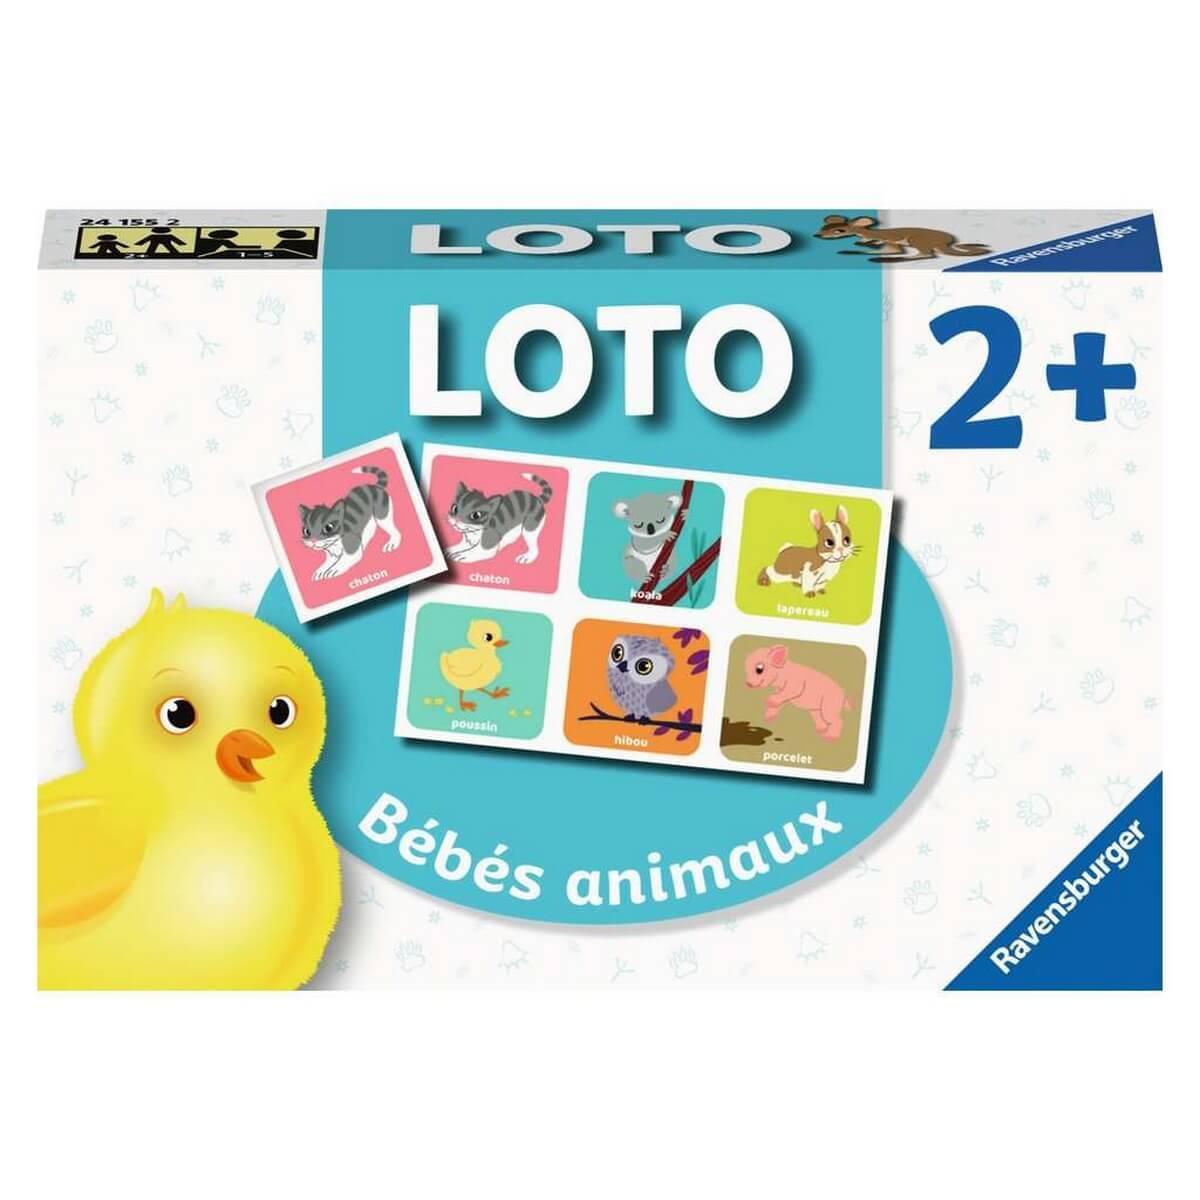 Loto : Les bébés animaux